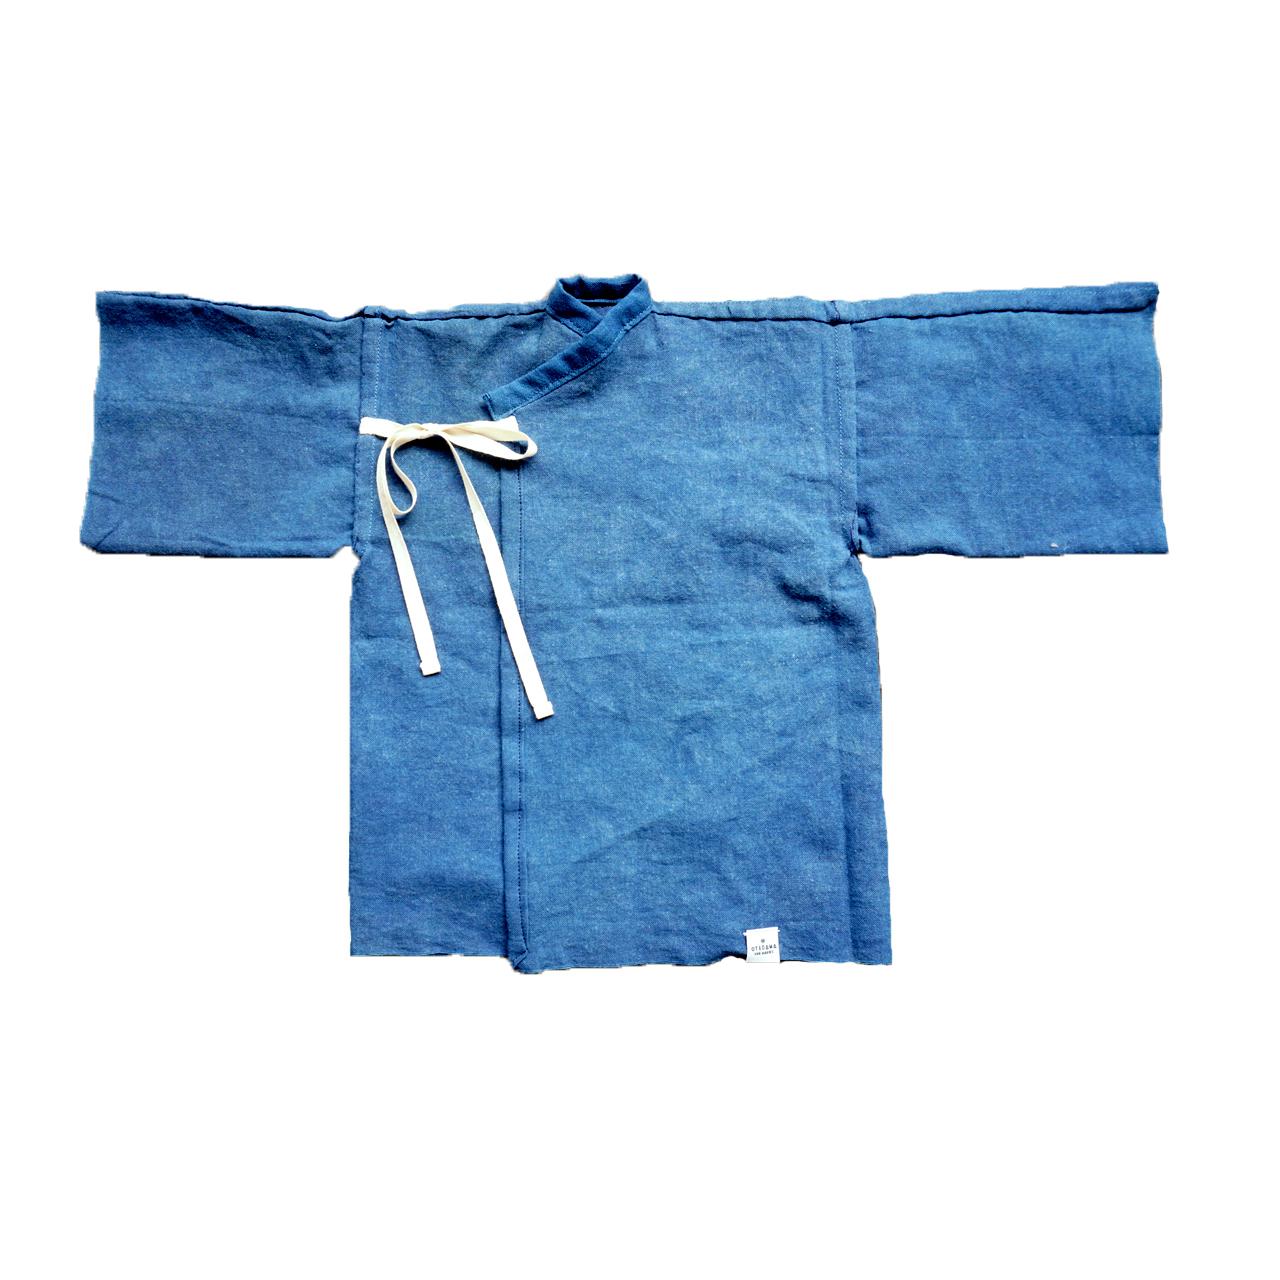 1枚の手ぬぐいから作られる天然藍染めの産着